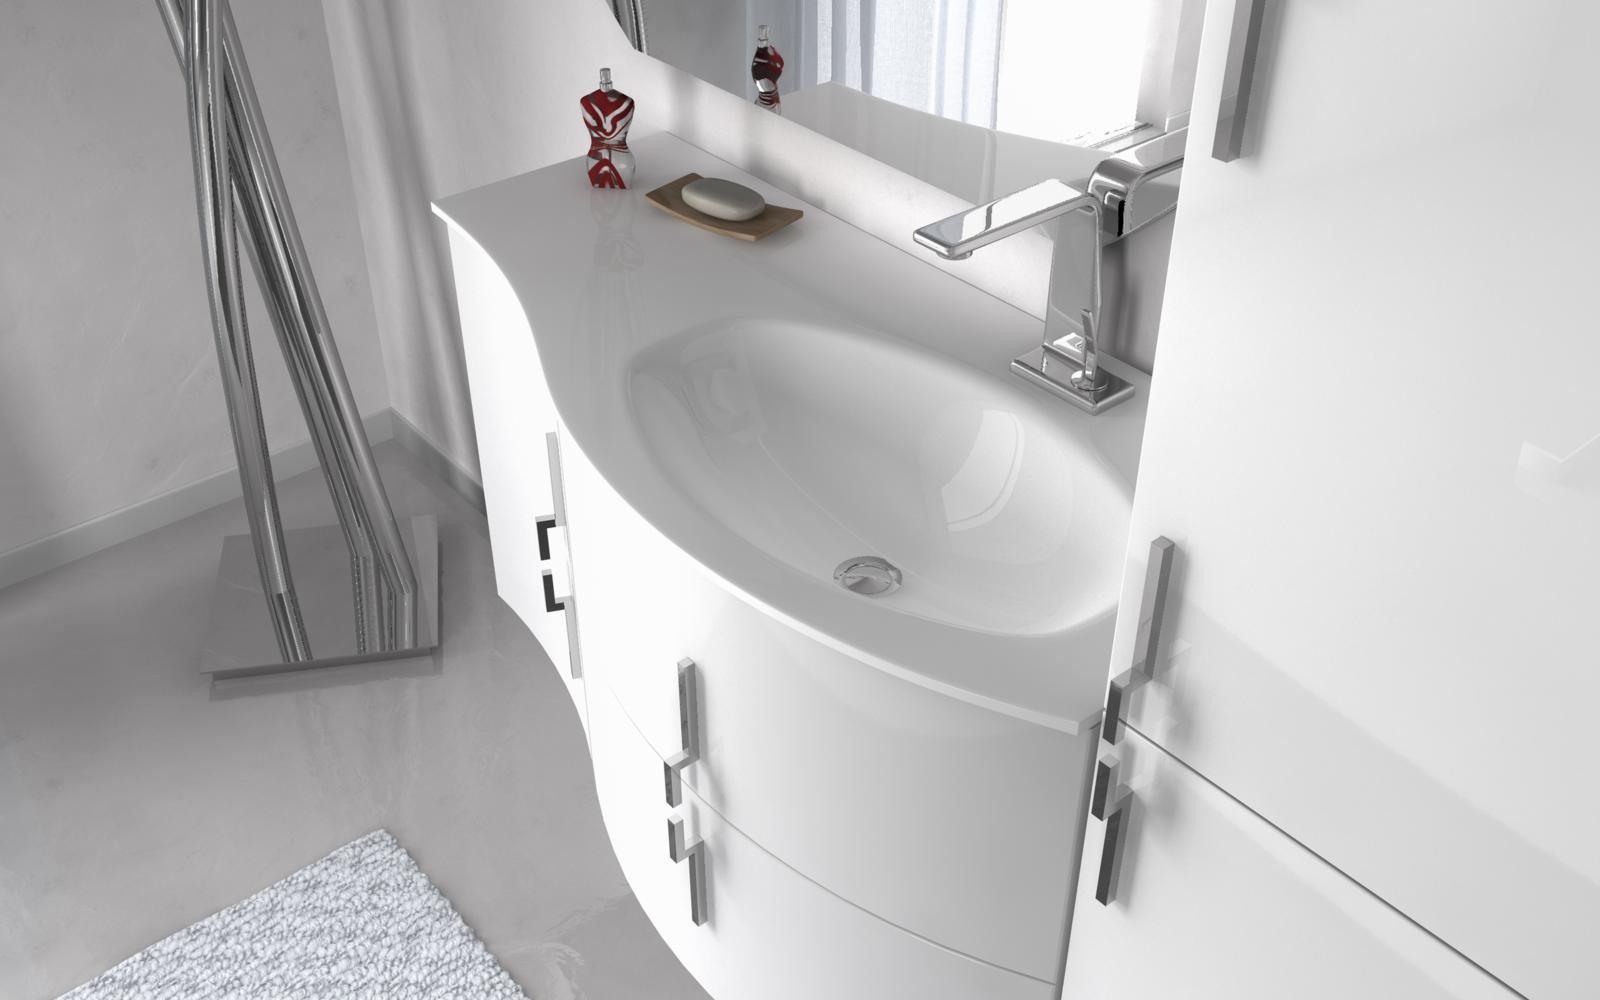 Mobile Per Lavatrice Moderno dettagli su mobile bagno cm 104 in 4 colori per arredo moderno sospeso  curvo 2 versioni |1